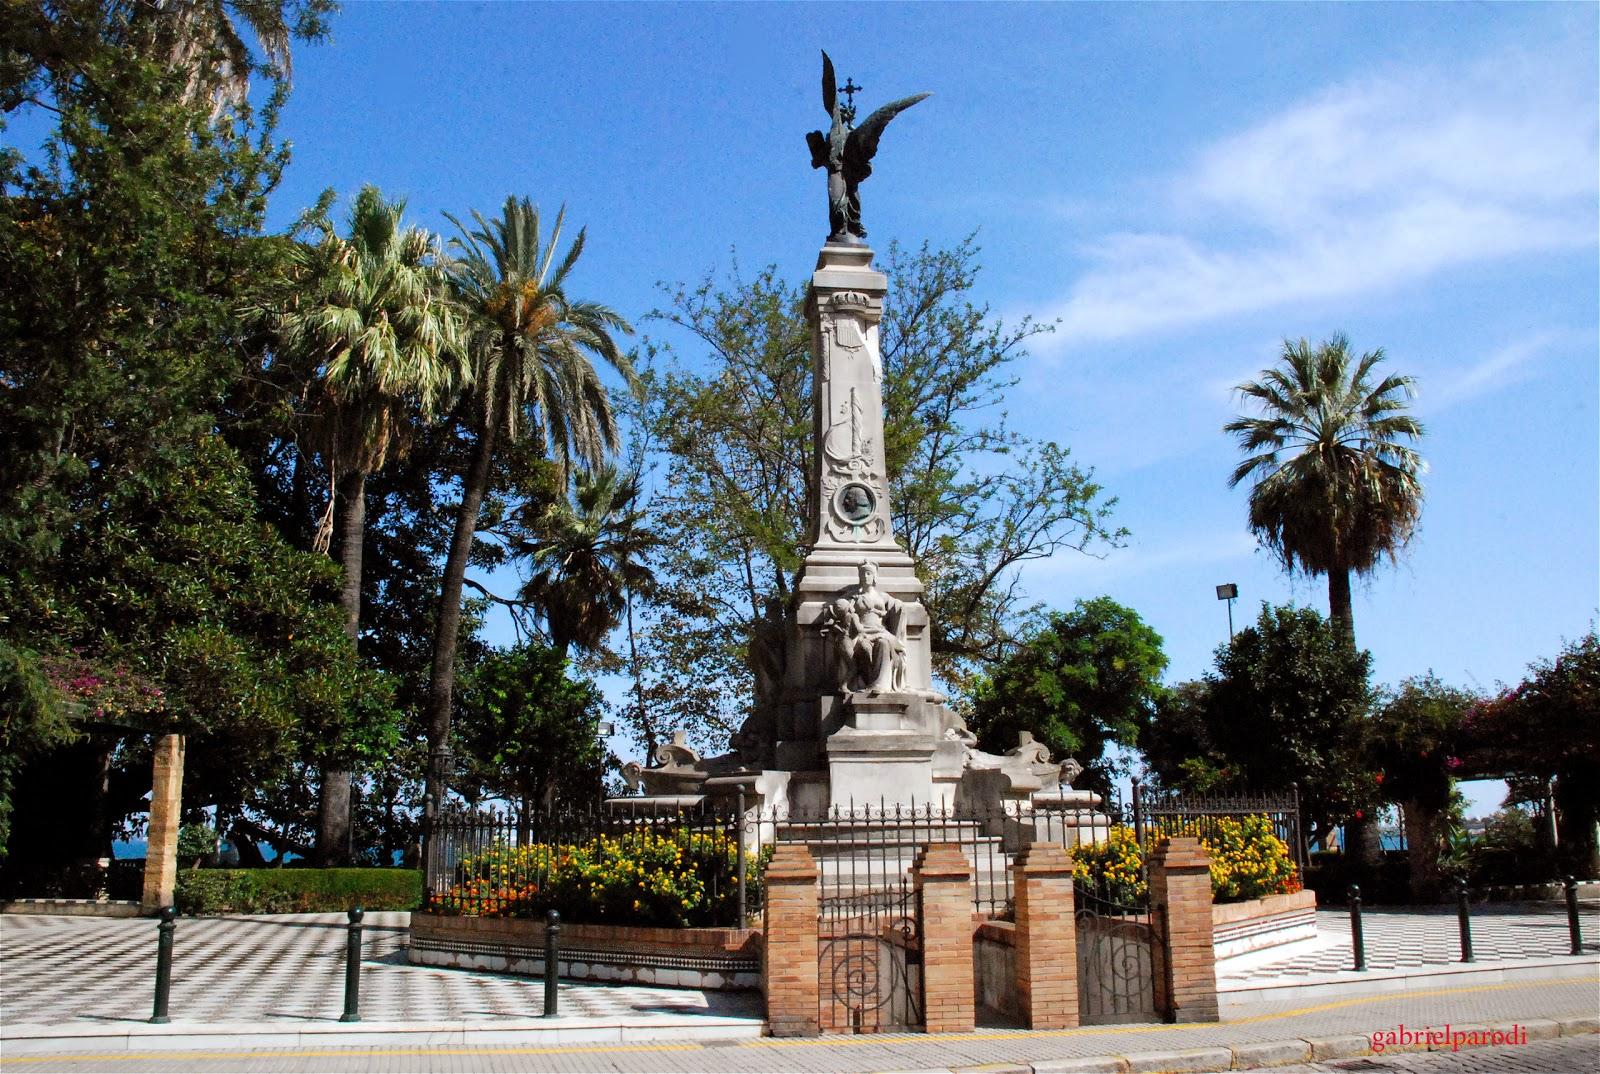 visitar la Alameda Apodaca de Cádiz con Cadizfornia Tours gratis Andalucia